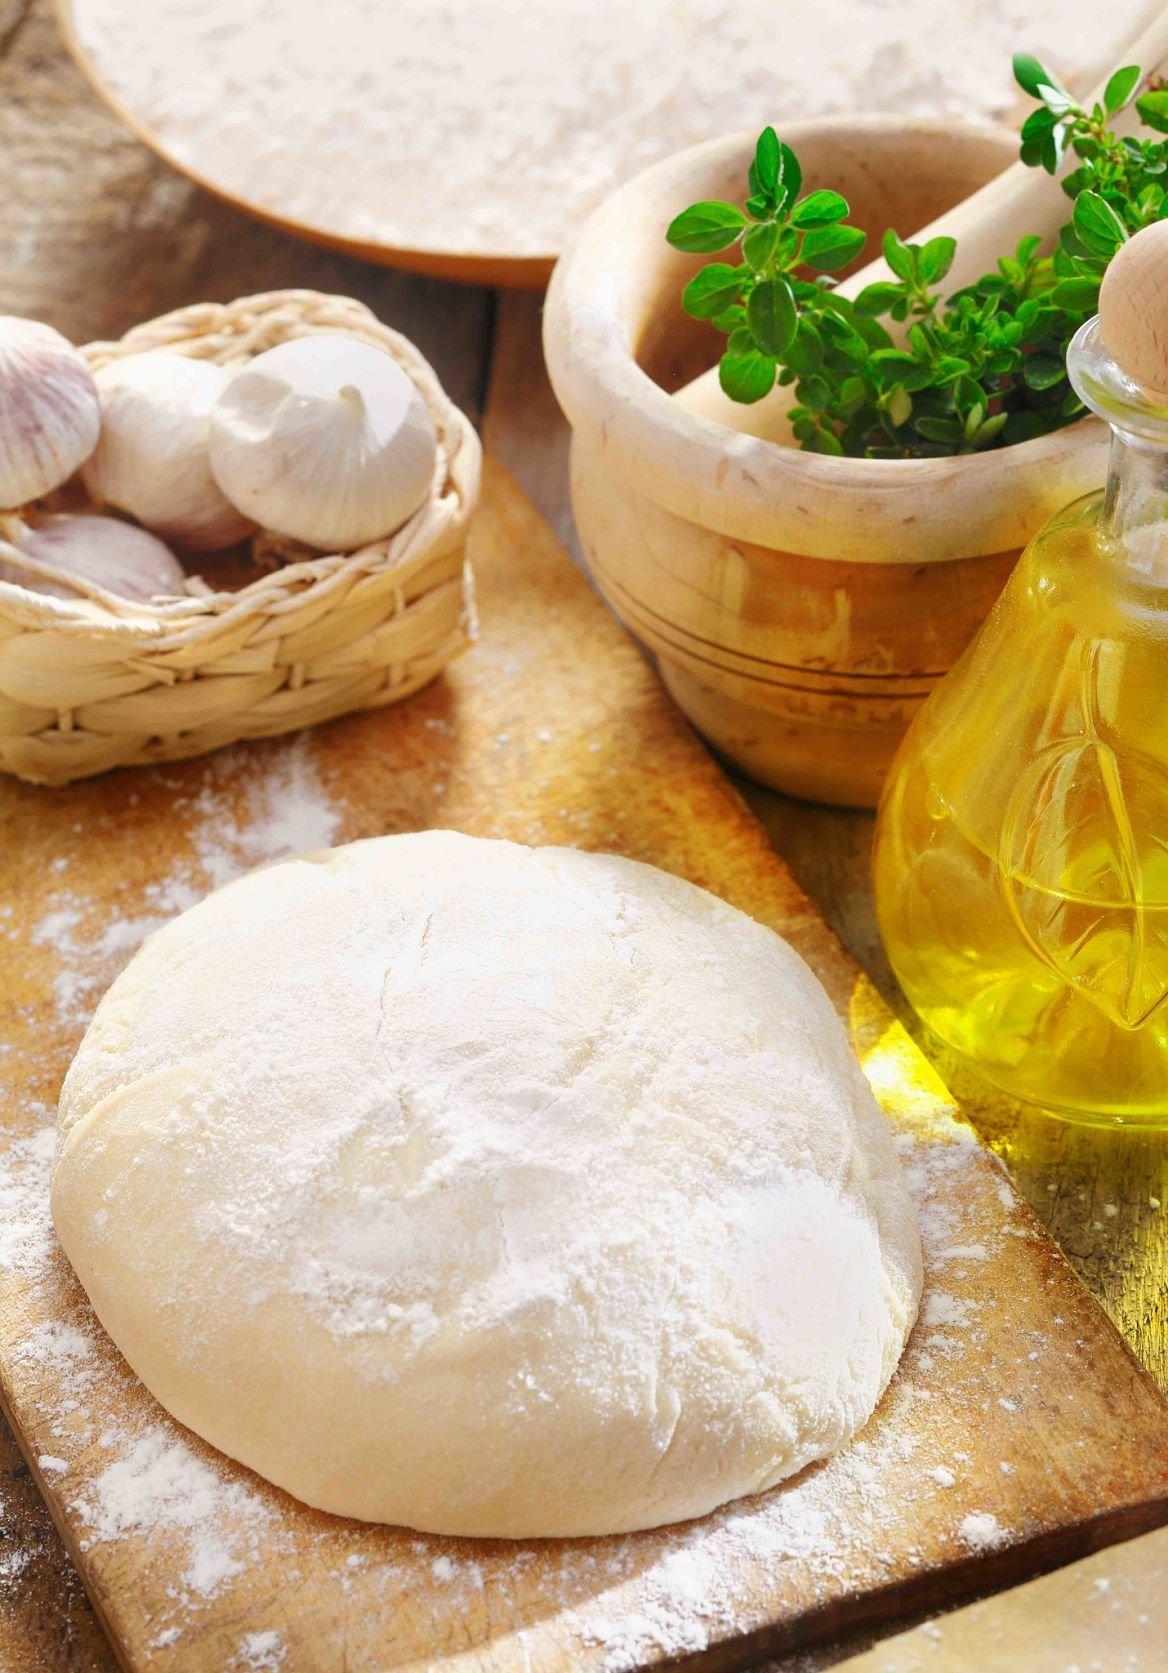 Une préparation de pâte à pizza ©stockcreations/Shutterstock